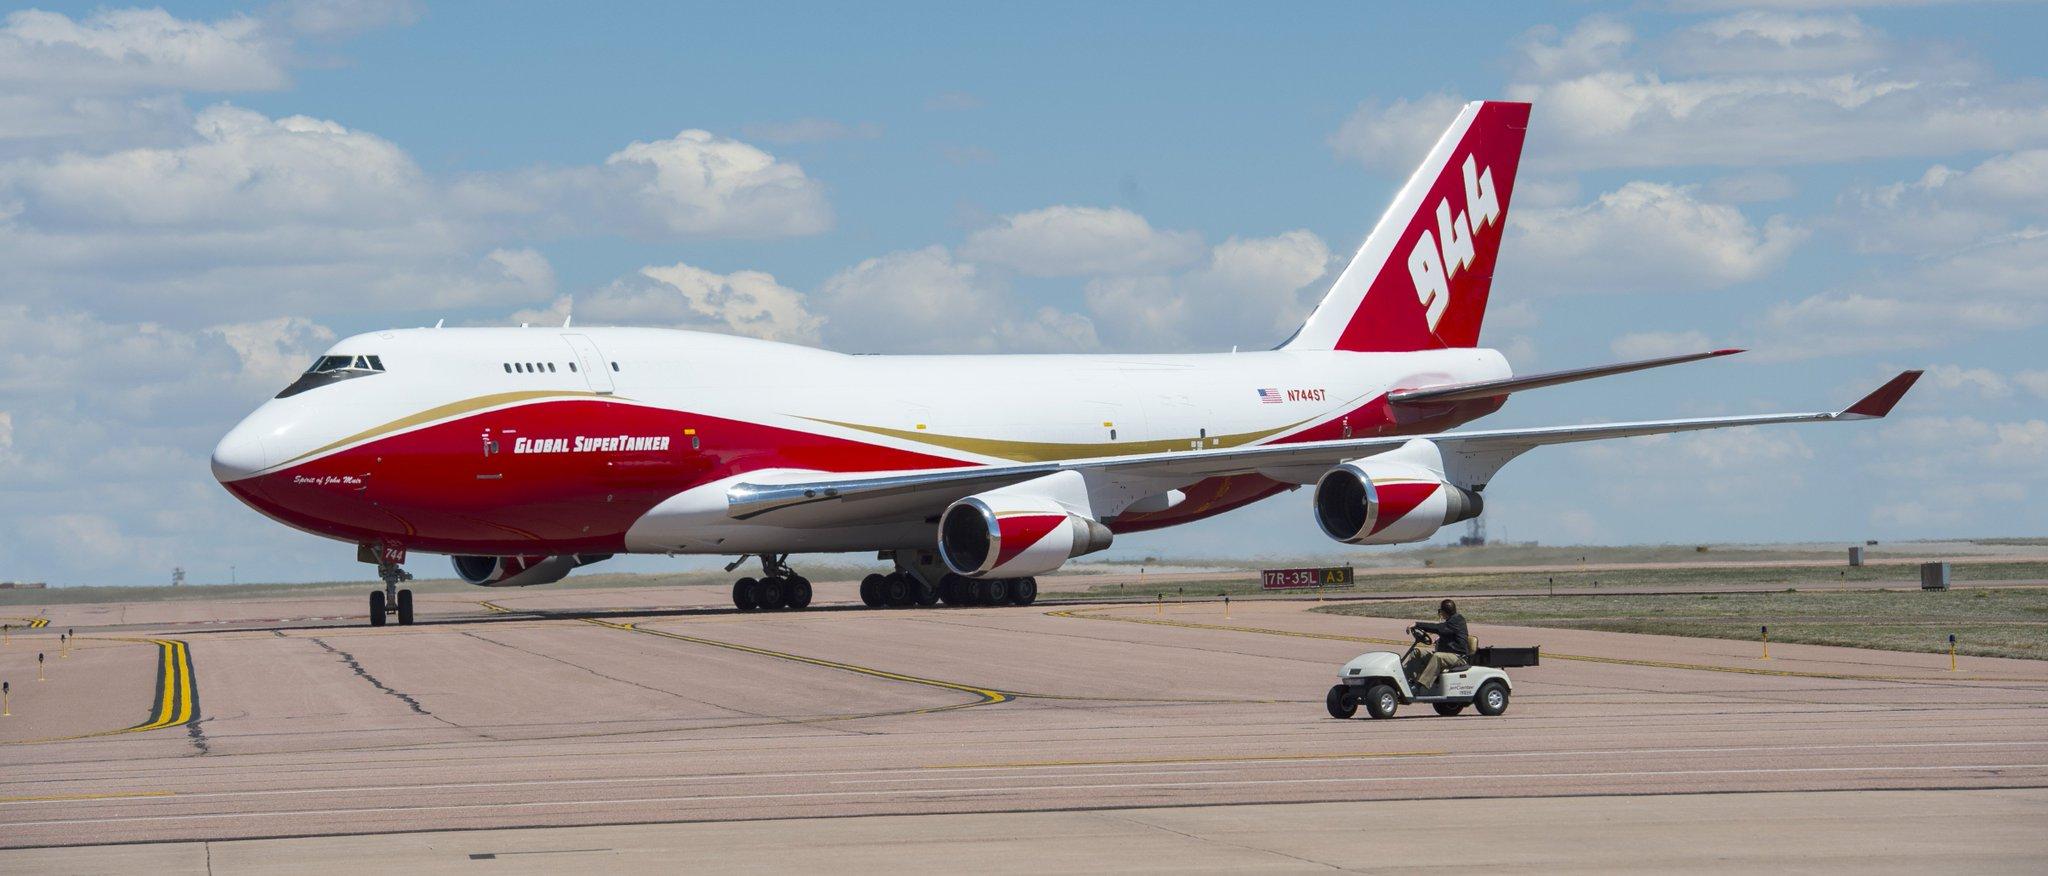 Pta algemeen luchtvaarttopic 29 emirates for 747 evergreen terrace